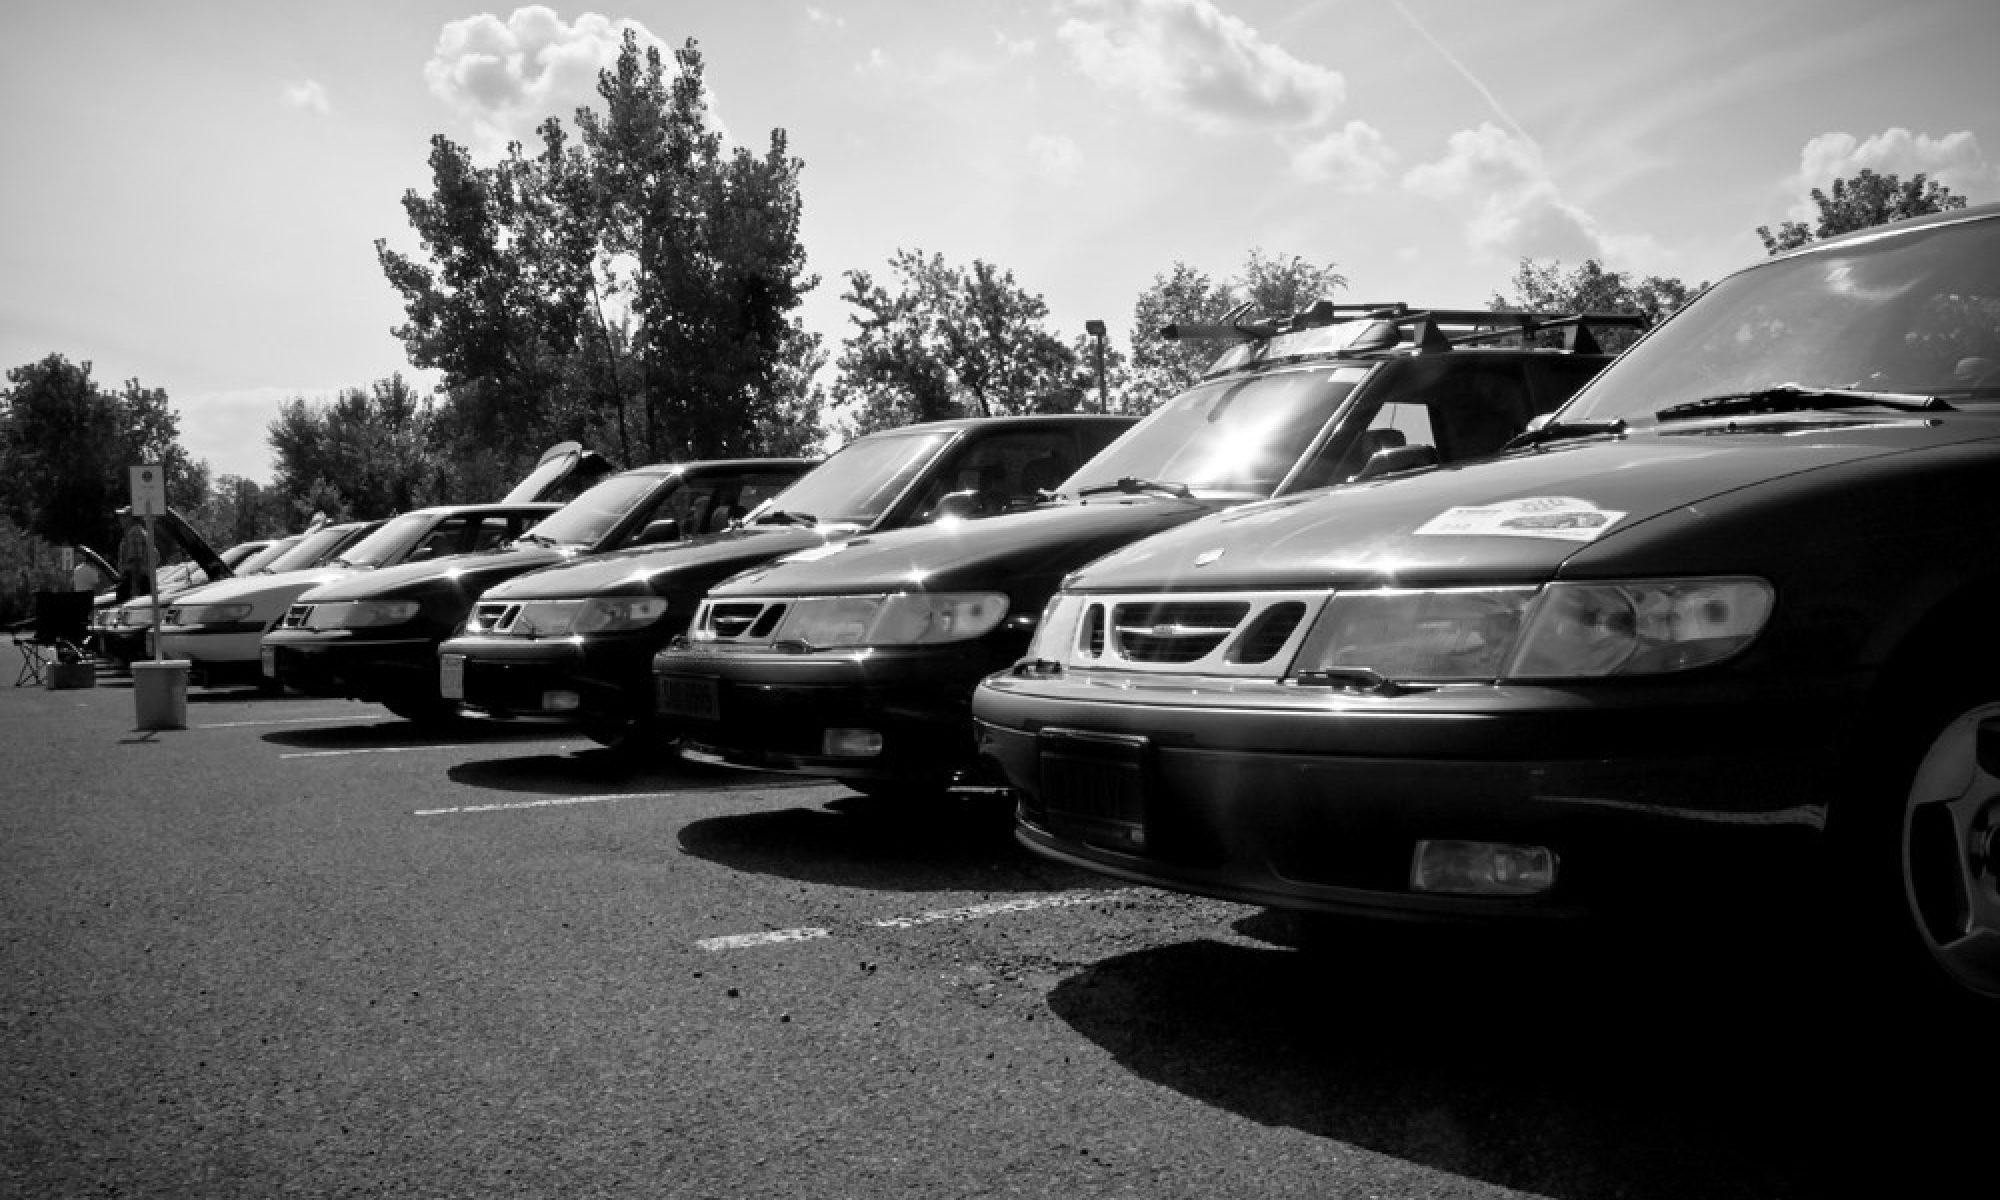 The Saab Club of Canada